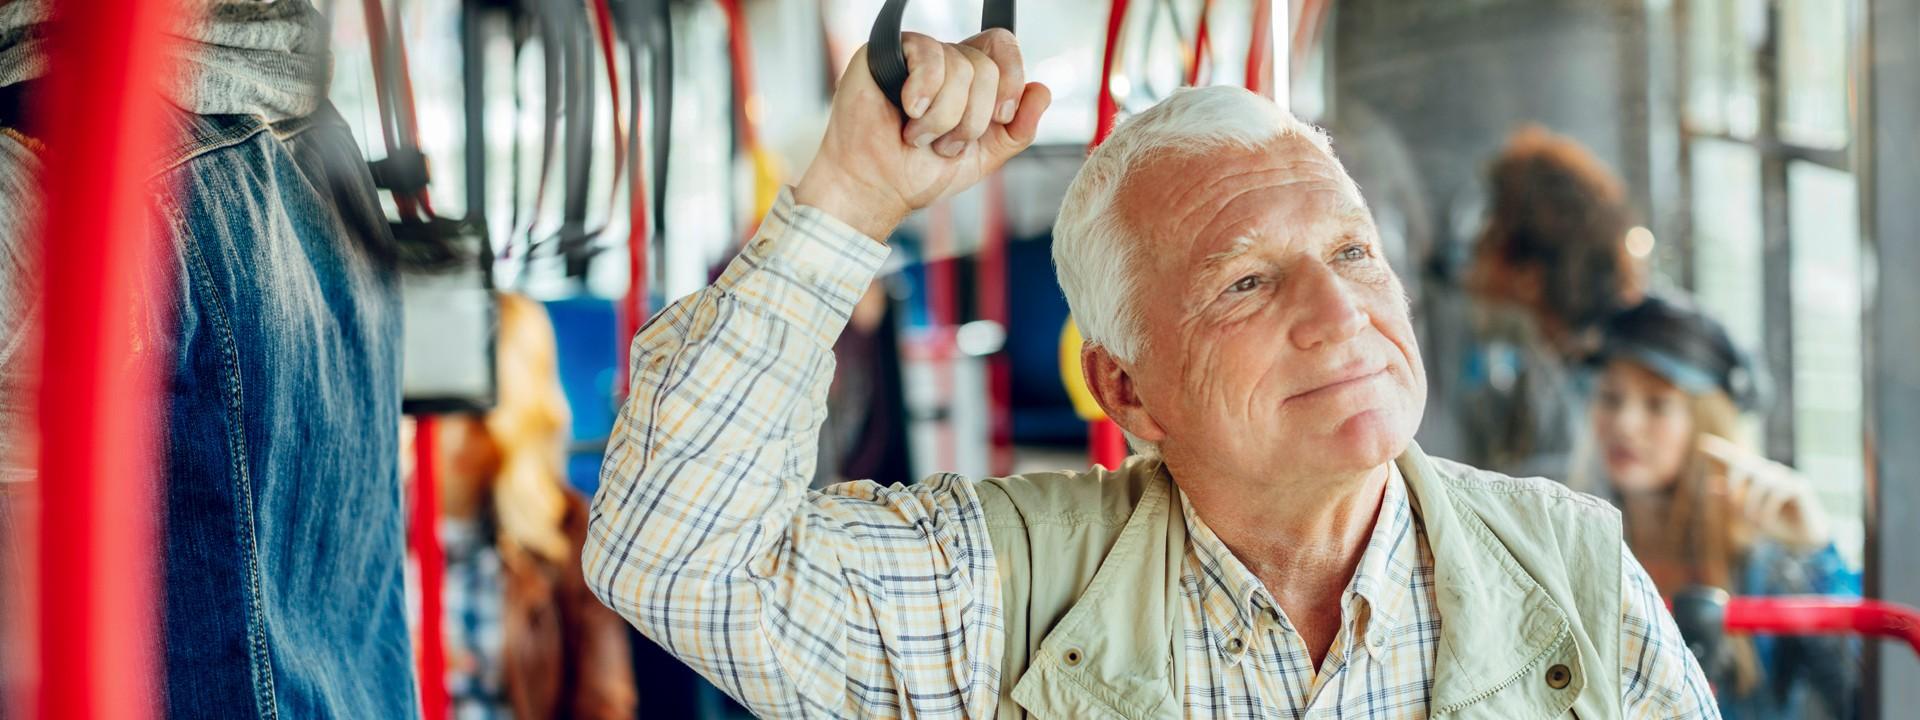 Ein etwa 70-jähriger Mann hält sich in einer Straßenbahn an einer Halteschlaufe fest.